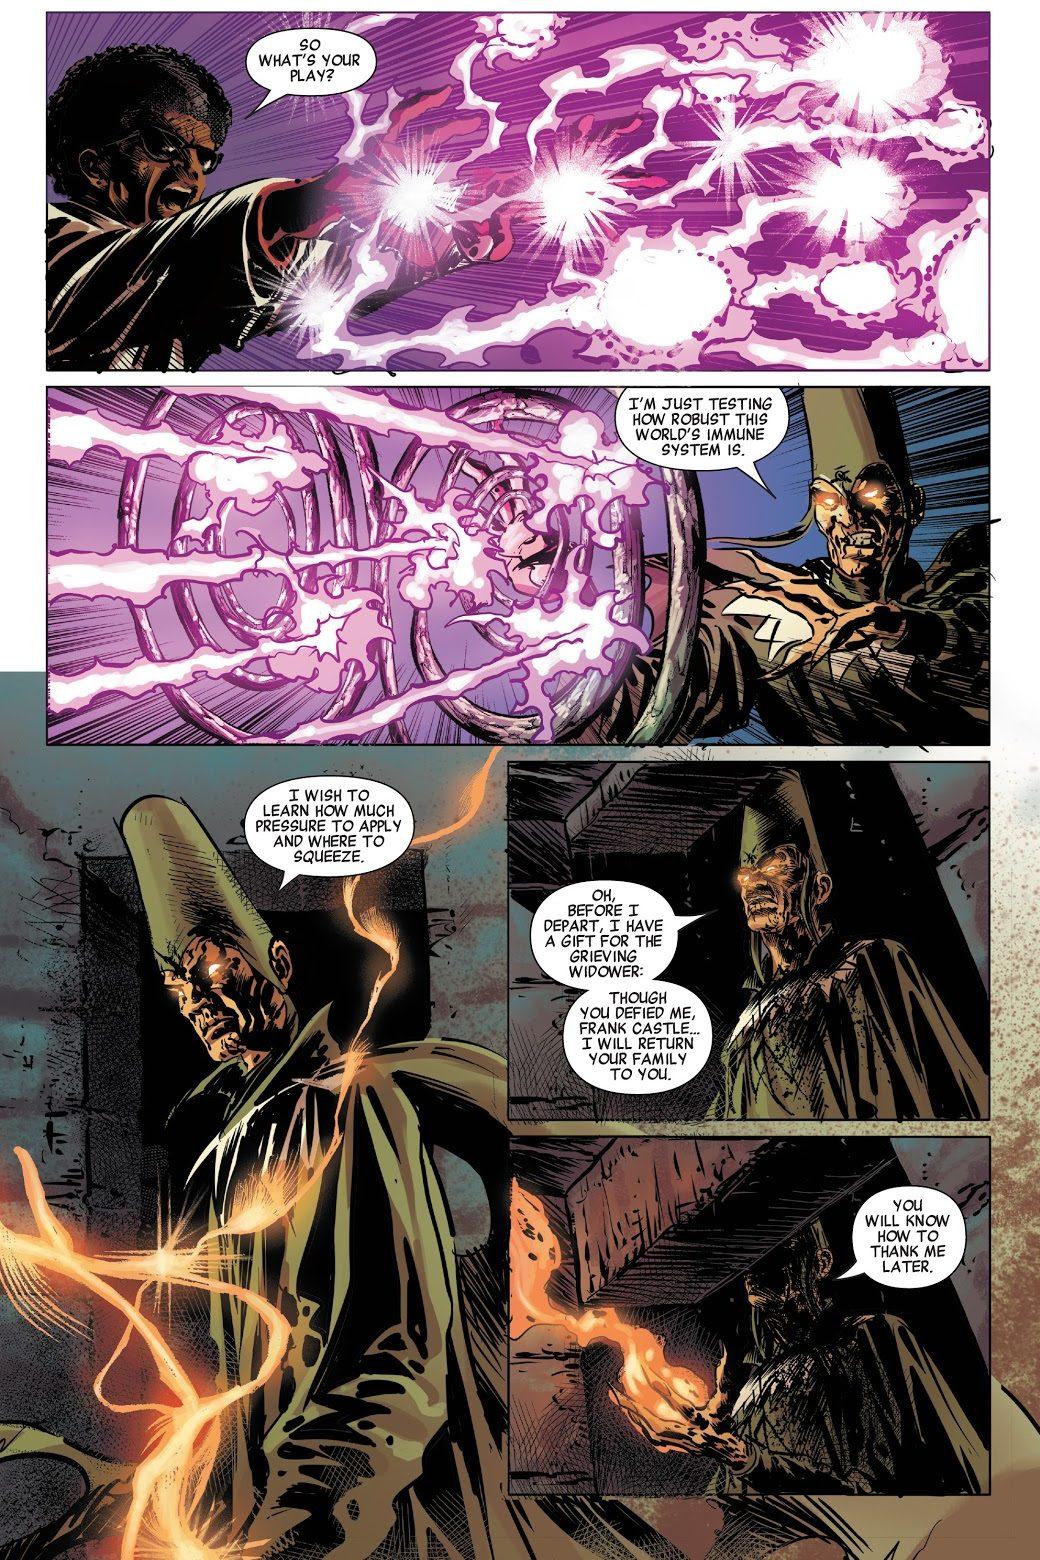 Doctor Voodoo Exorcises Skinwalkers